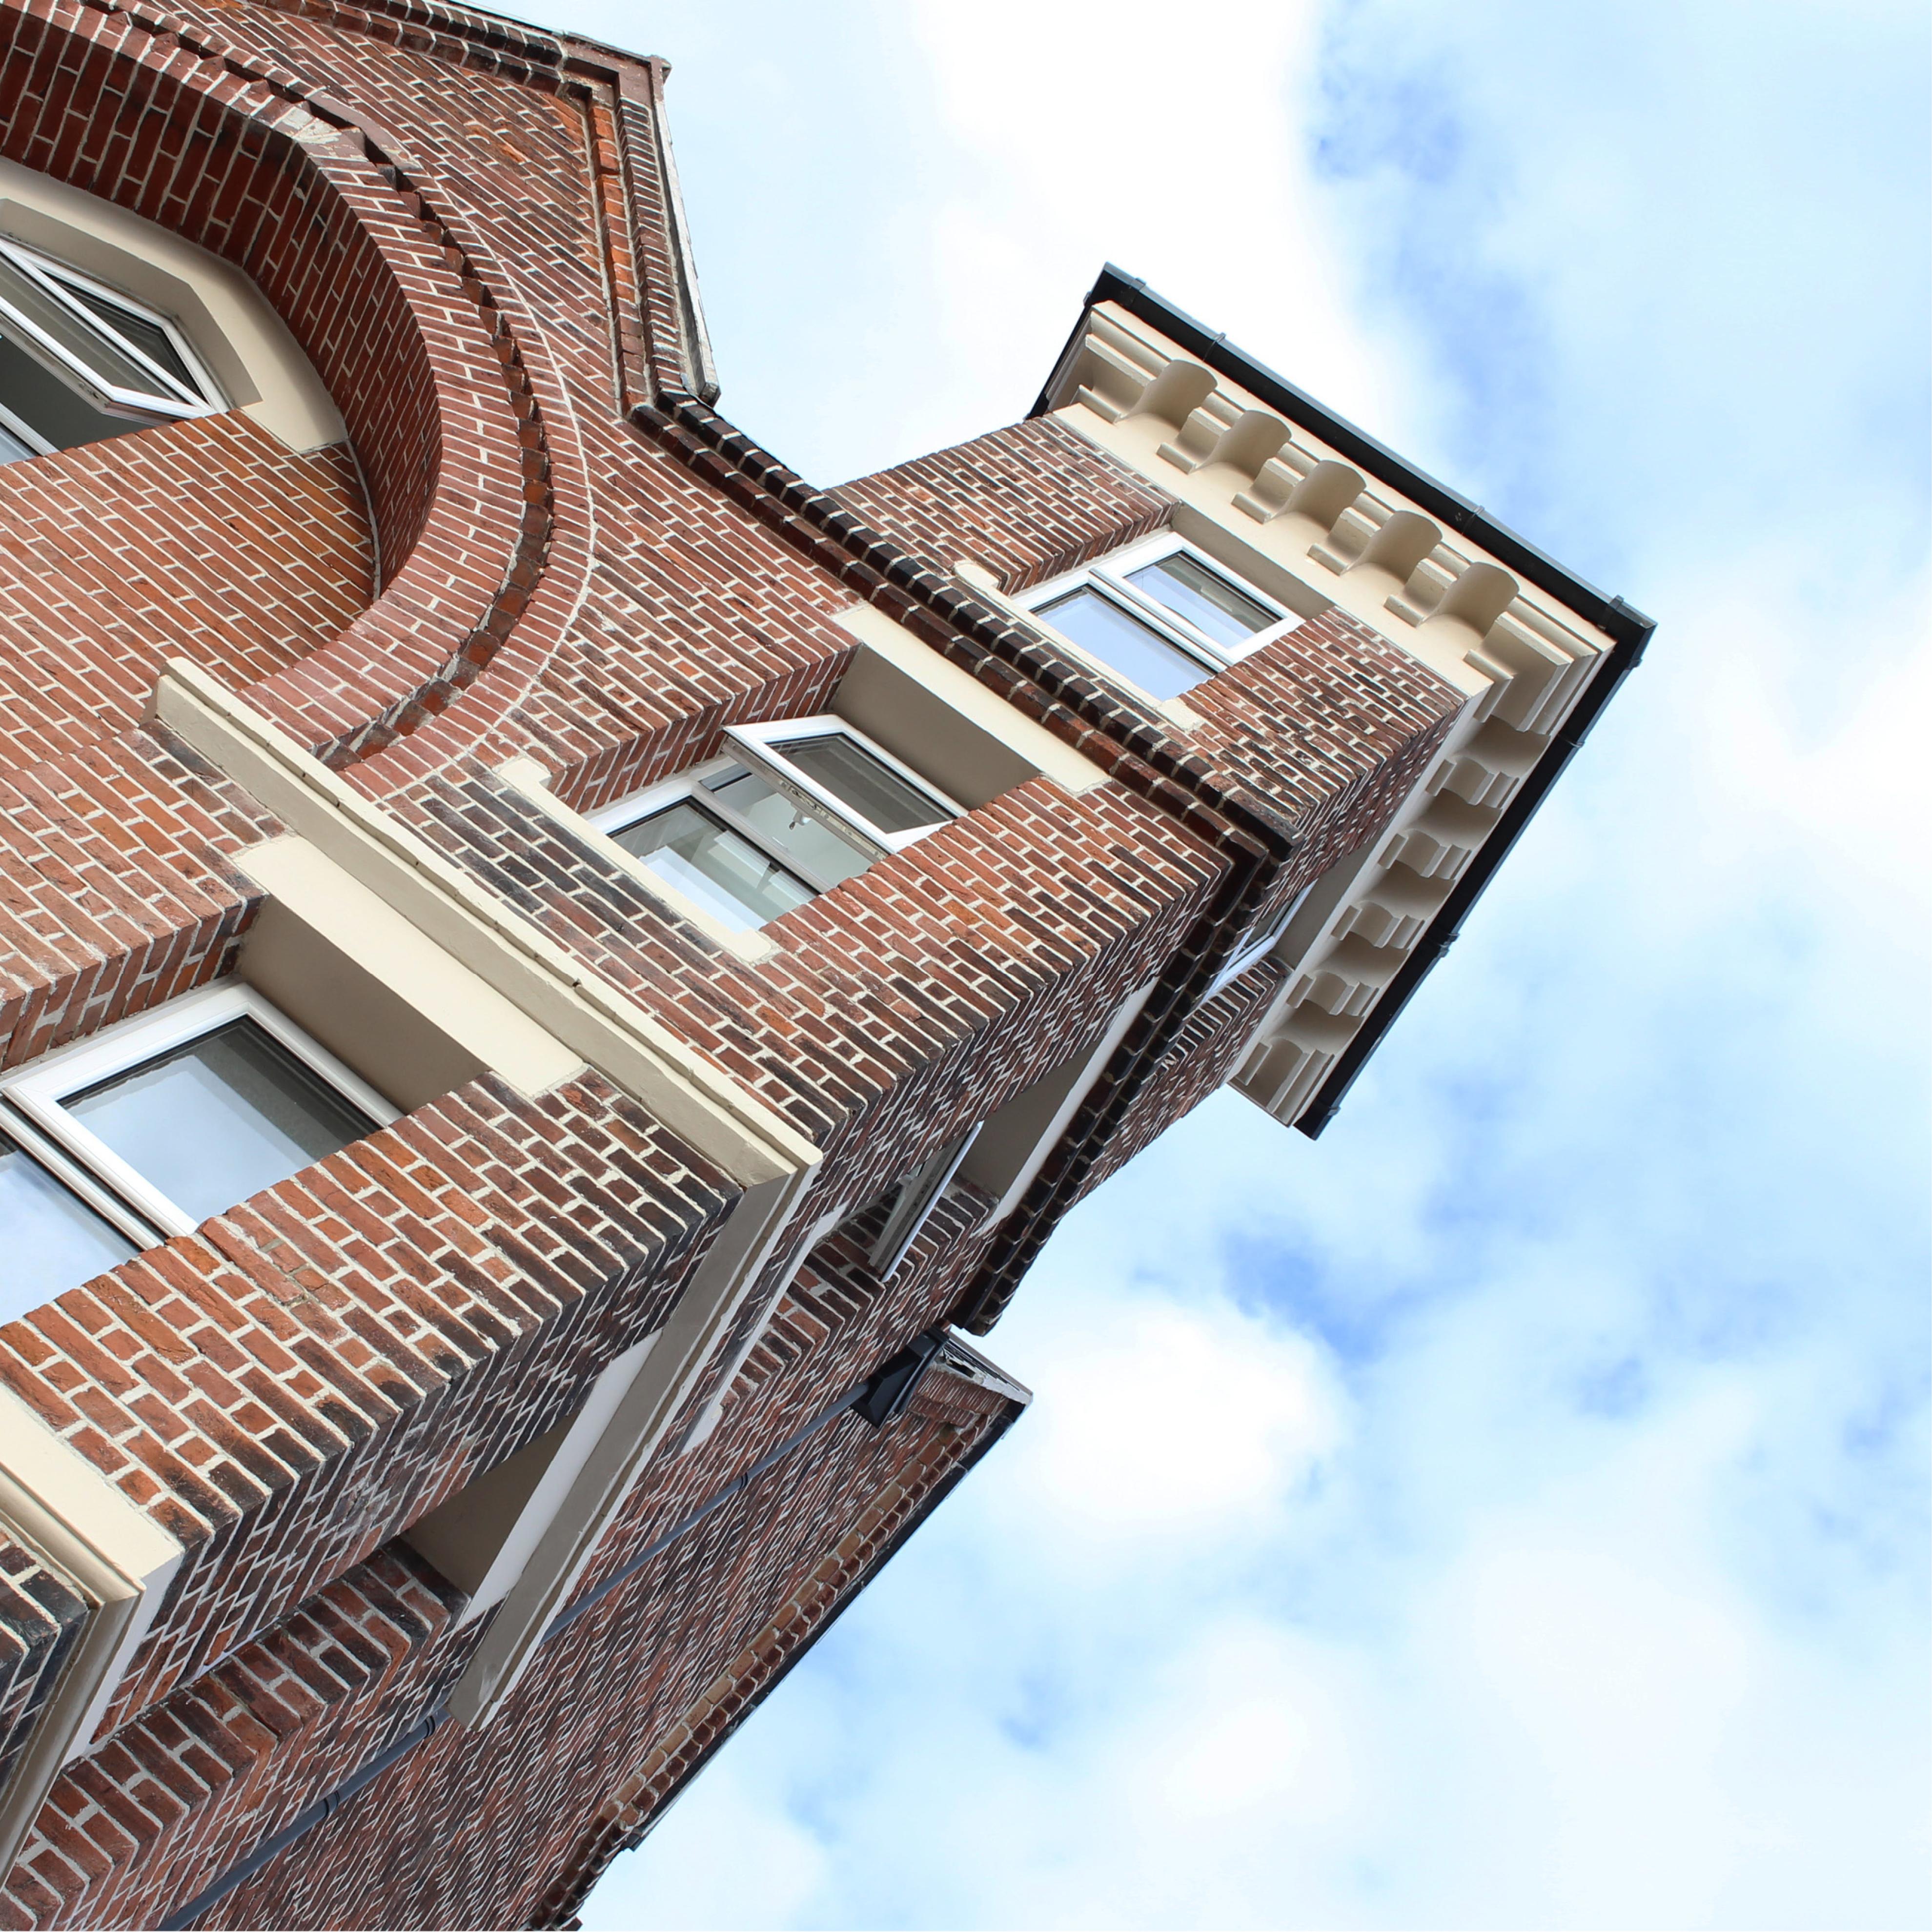 Victorian Architecture refurbishment and extension